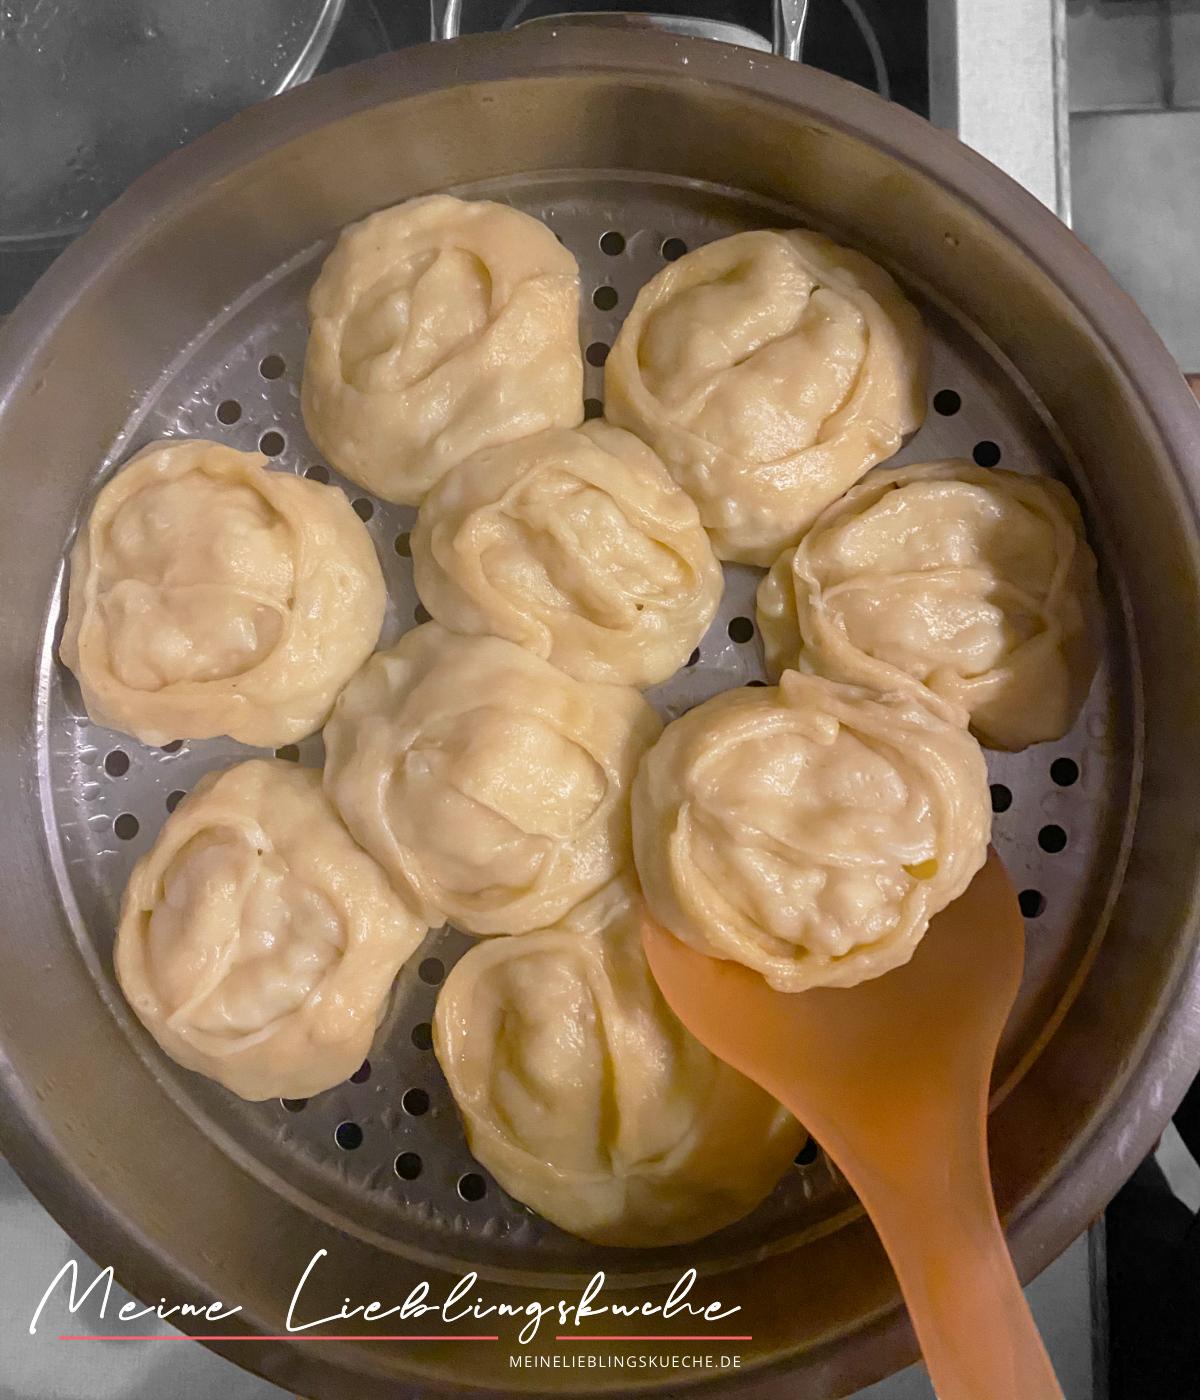 russische Manty mit Kartoffelfüllung gedämpft